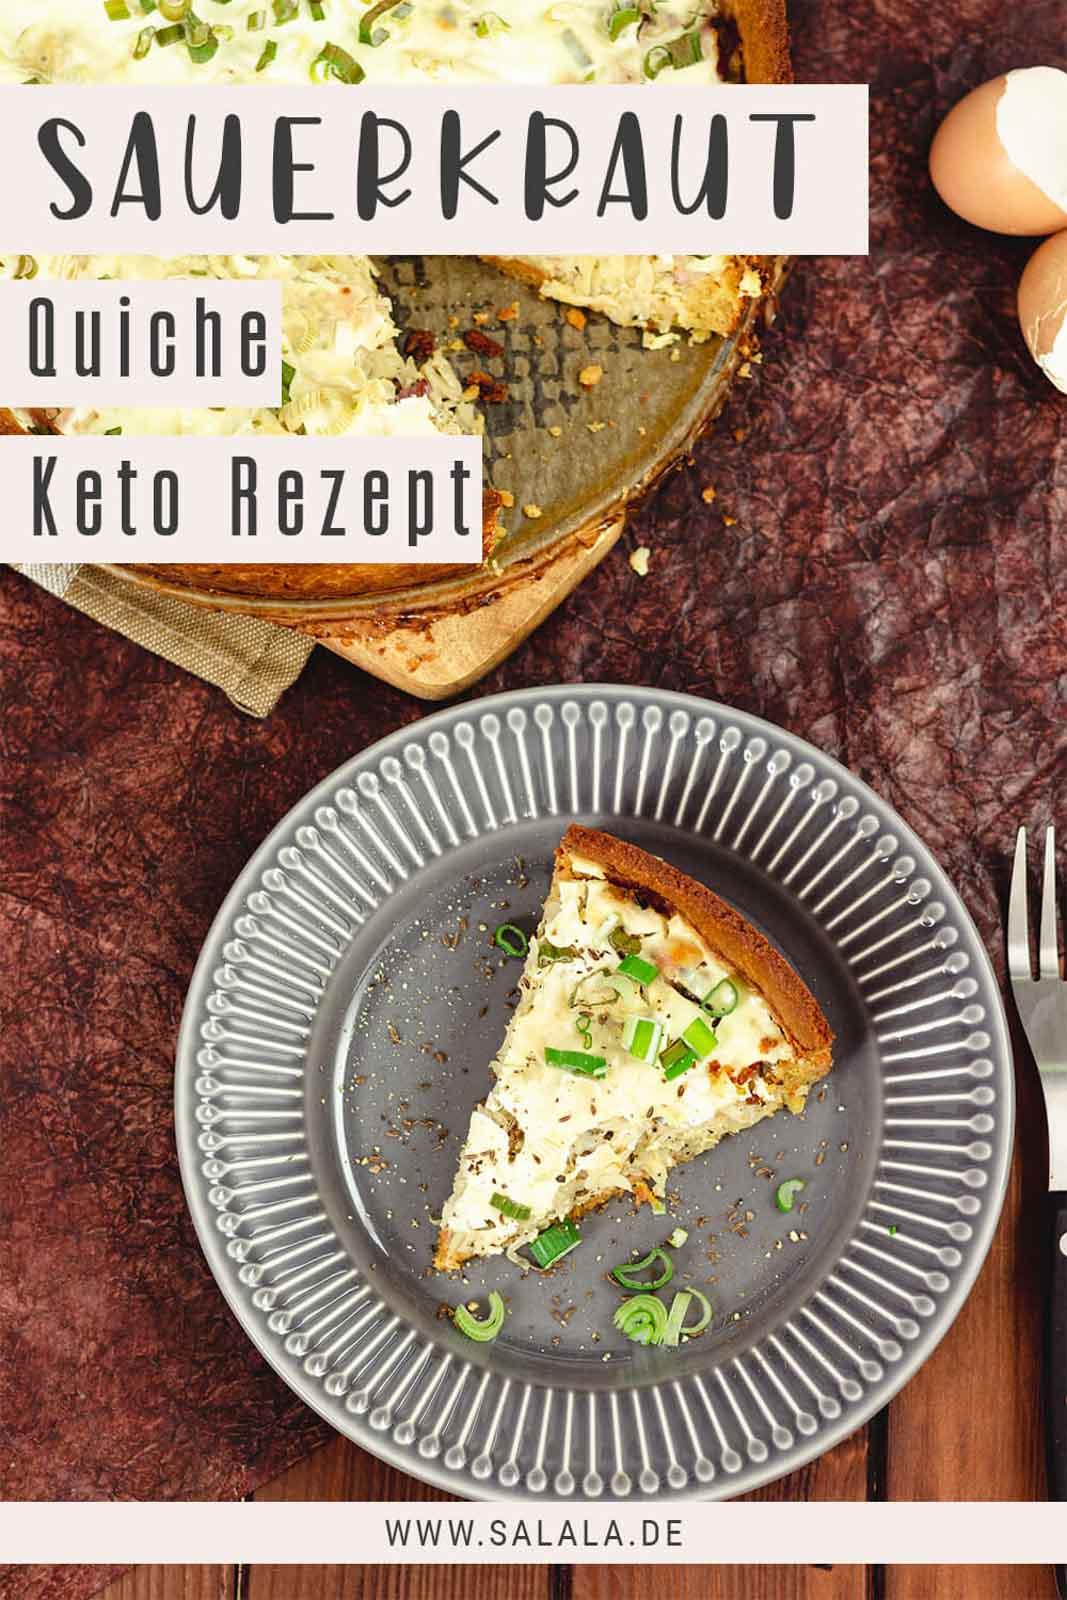 Keto Sauerkraut Quiche